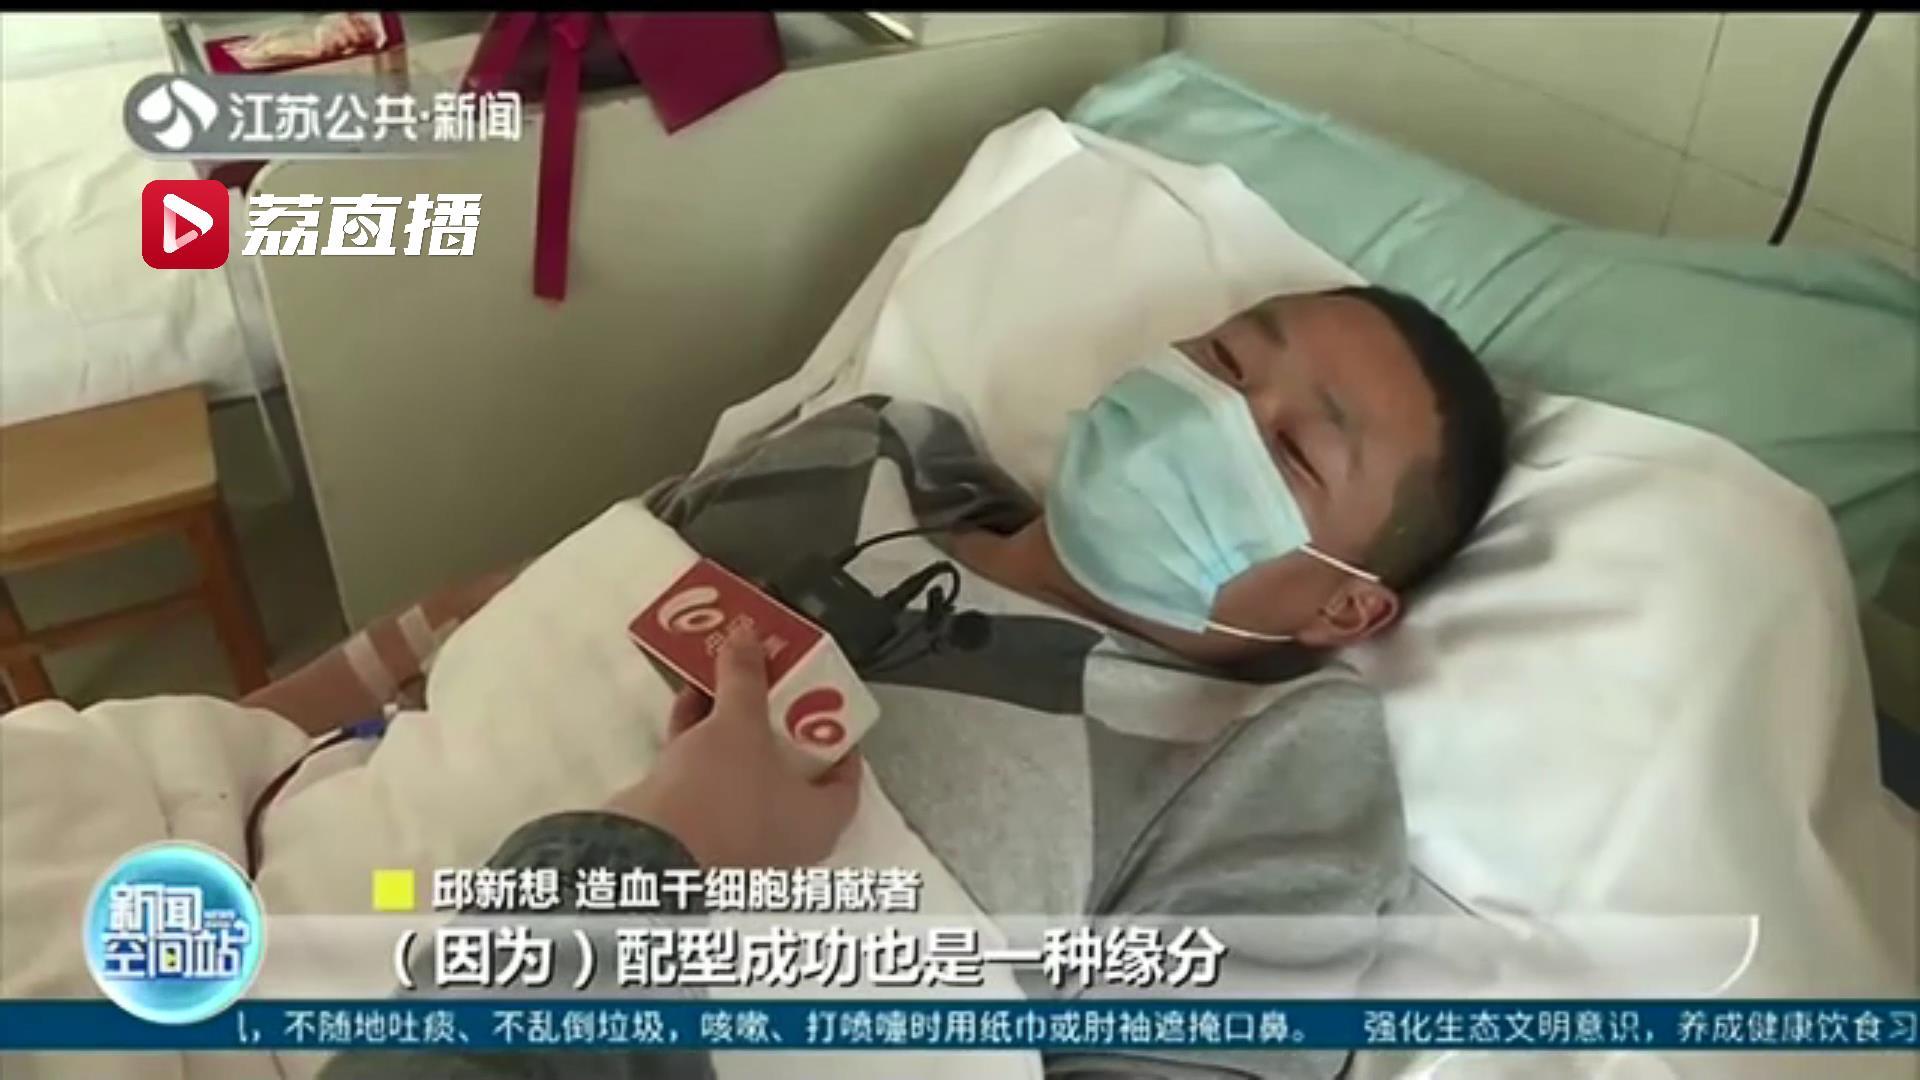 给予也是一种幸福!曾多次无偿献血 徐州一男子成功捐献造血干细胞